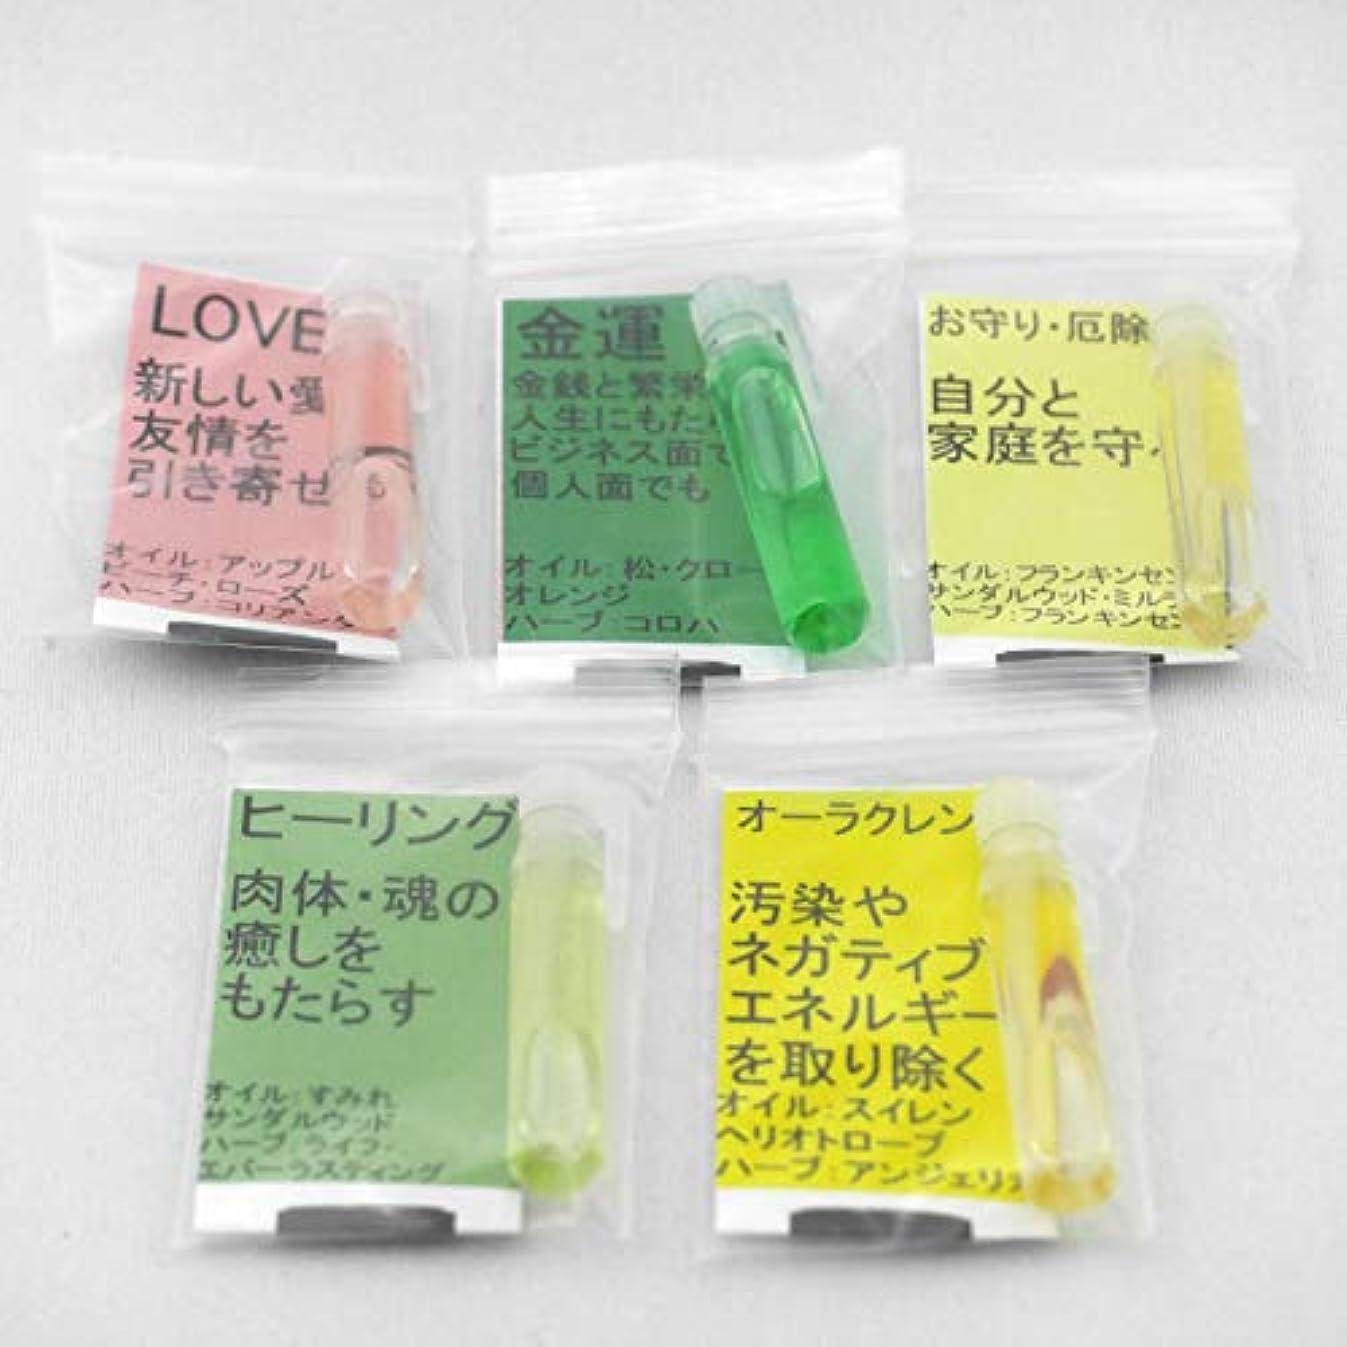 浸すヒップ不正アンシェントメモリーオイル 基本の5本小分けセット(LOVE?MoneyDraw?Protection?Healing?Aura Cleanse)